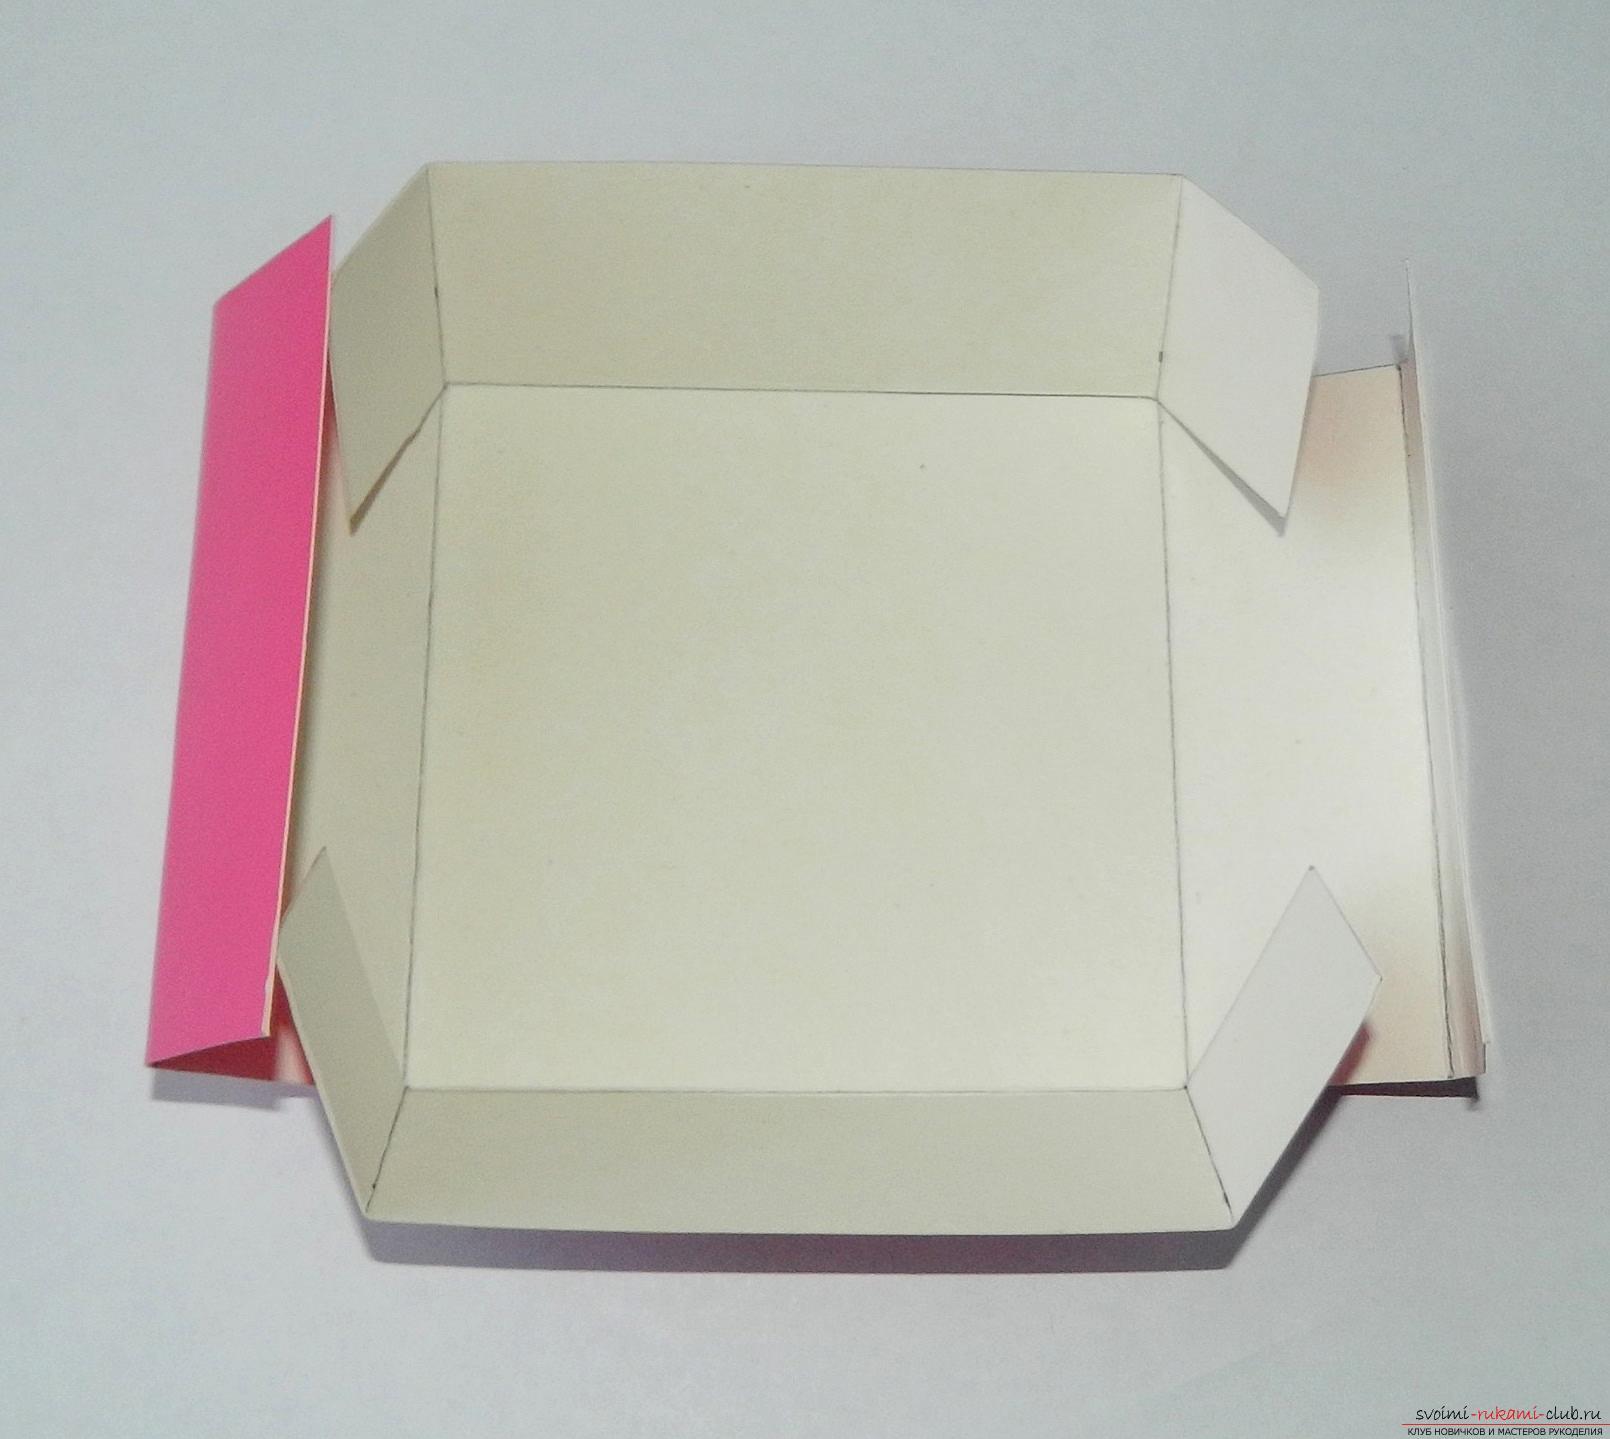 Коробочка для подарков своими руками из бумаги или картона: шаблоны и схемы 62